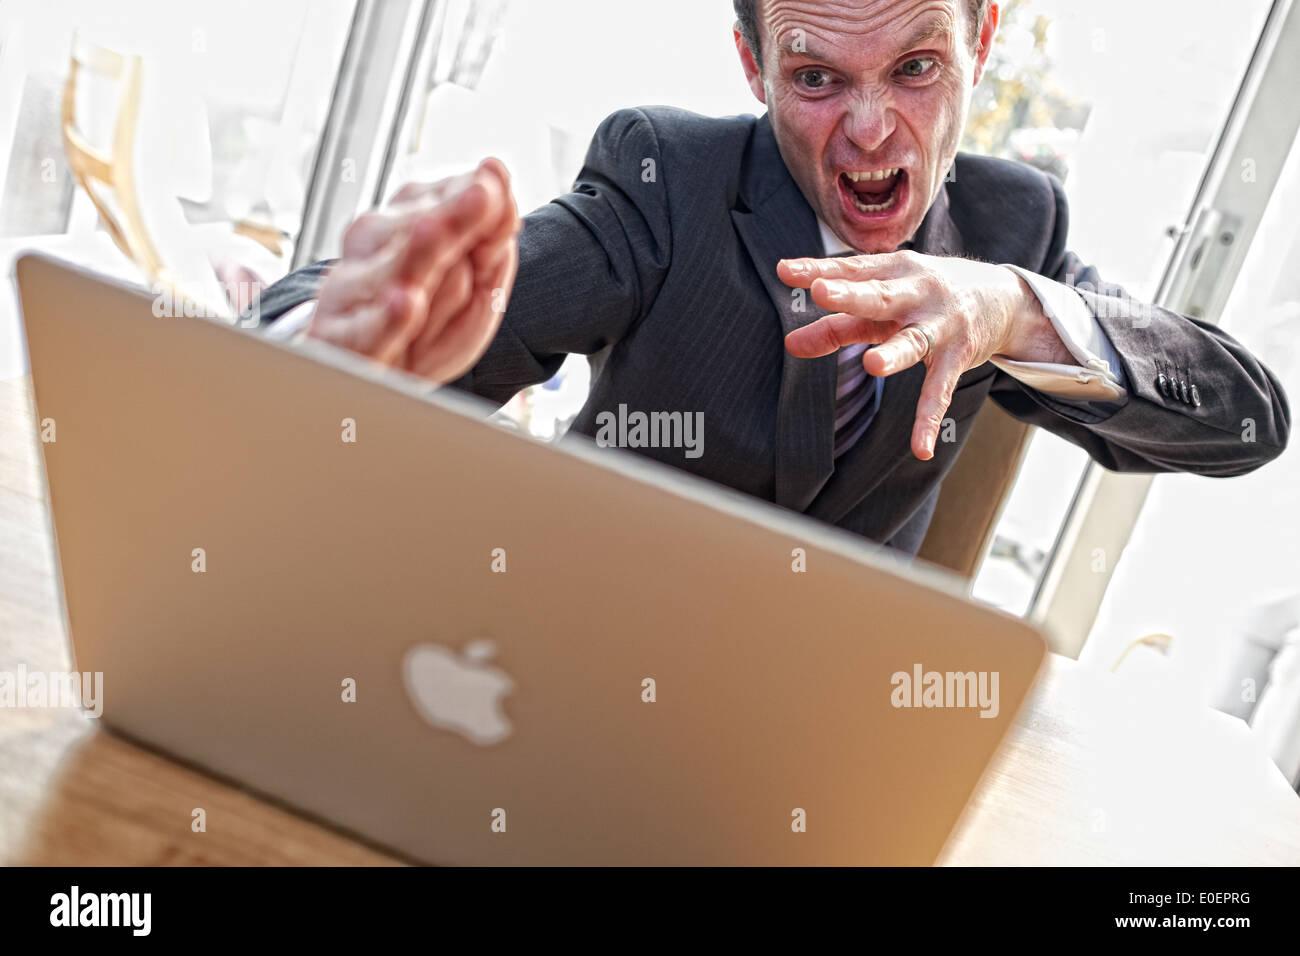 Eine böse Geschäftsmann Karate Koteletts seinen Laptop in der Frustration. Stockbild